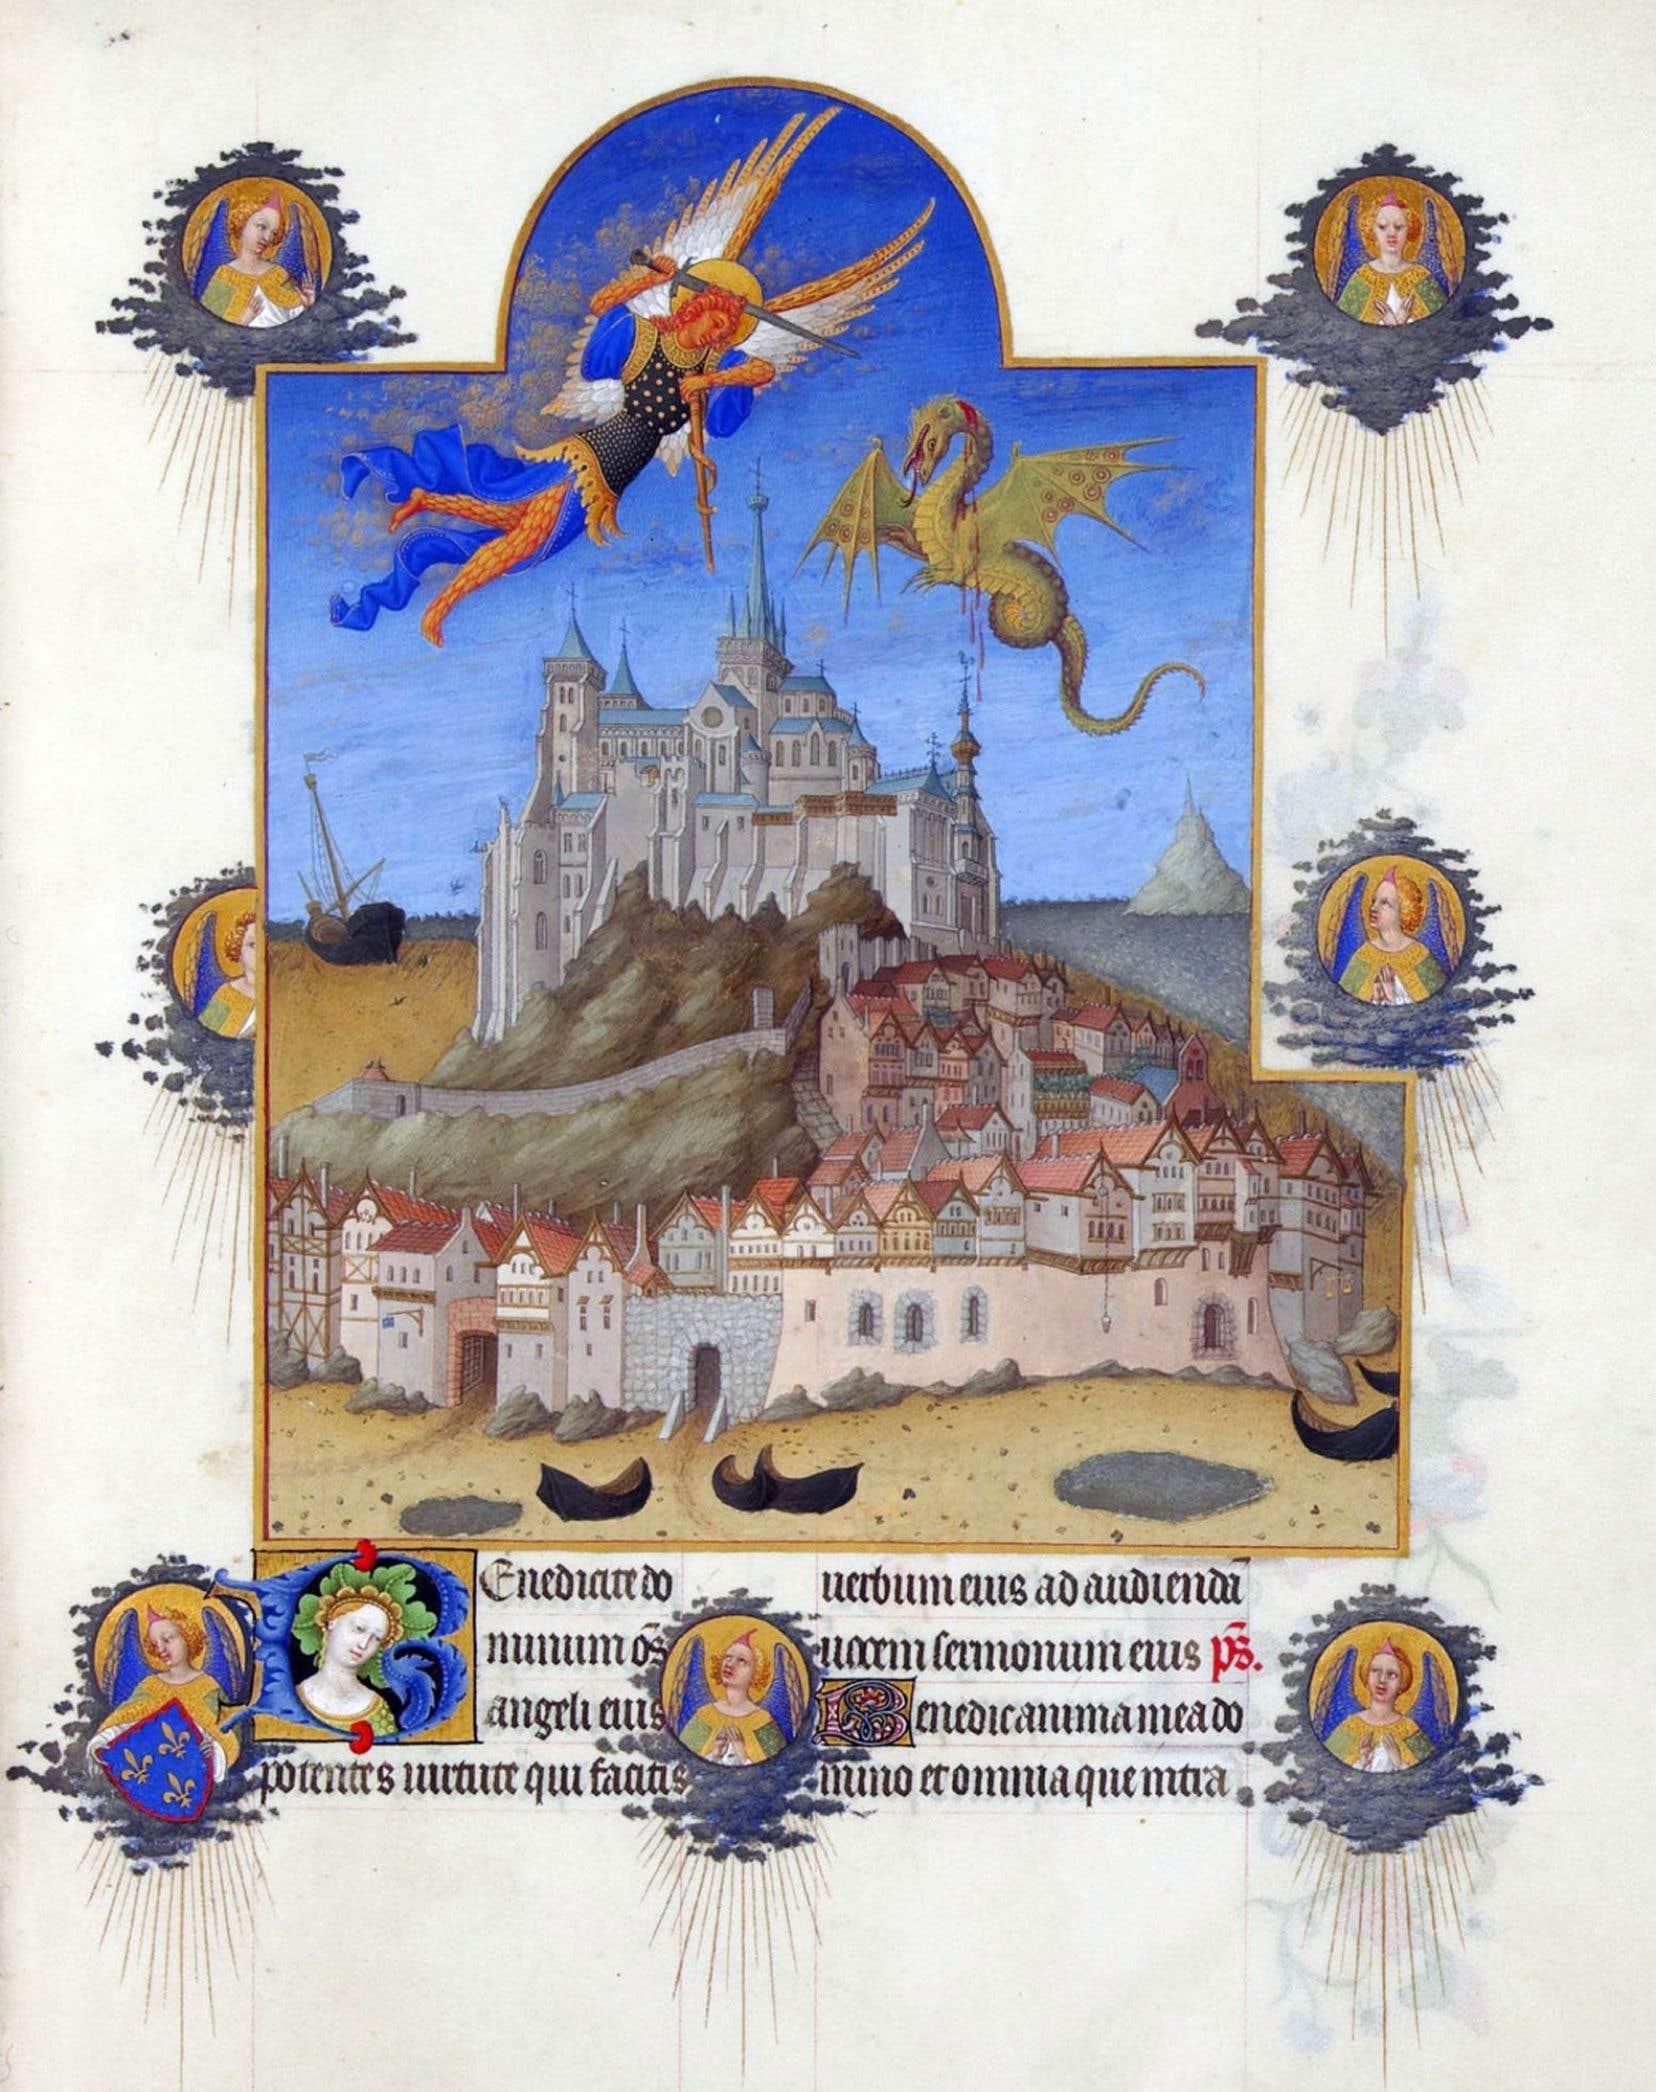 Combat entre l'archange saint Michel et le dragon au-dessus du mont Saint-Michel. L'ouvrage Aristote au mont Saint-Michel, du médiéviste Sylvain Gouguenheim, a été cloué au pilori.